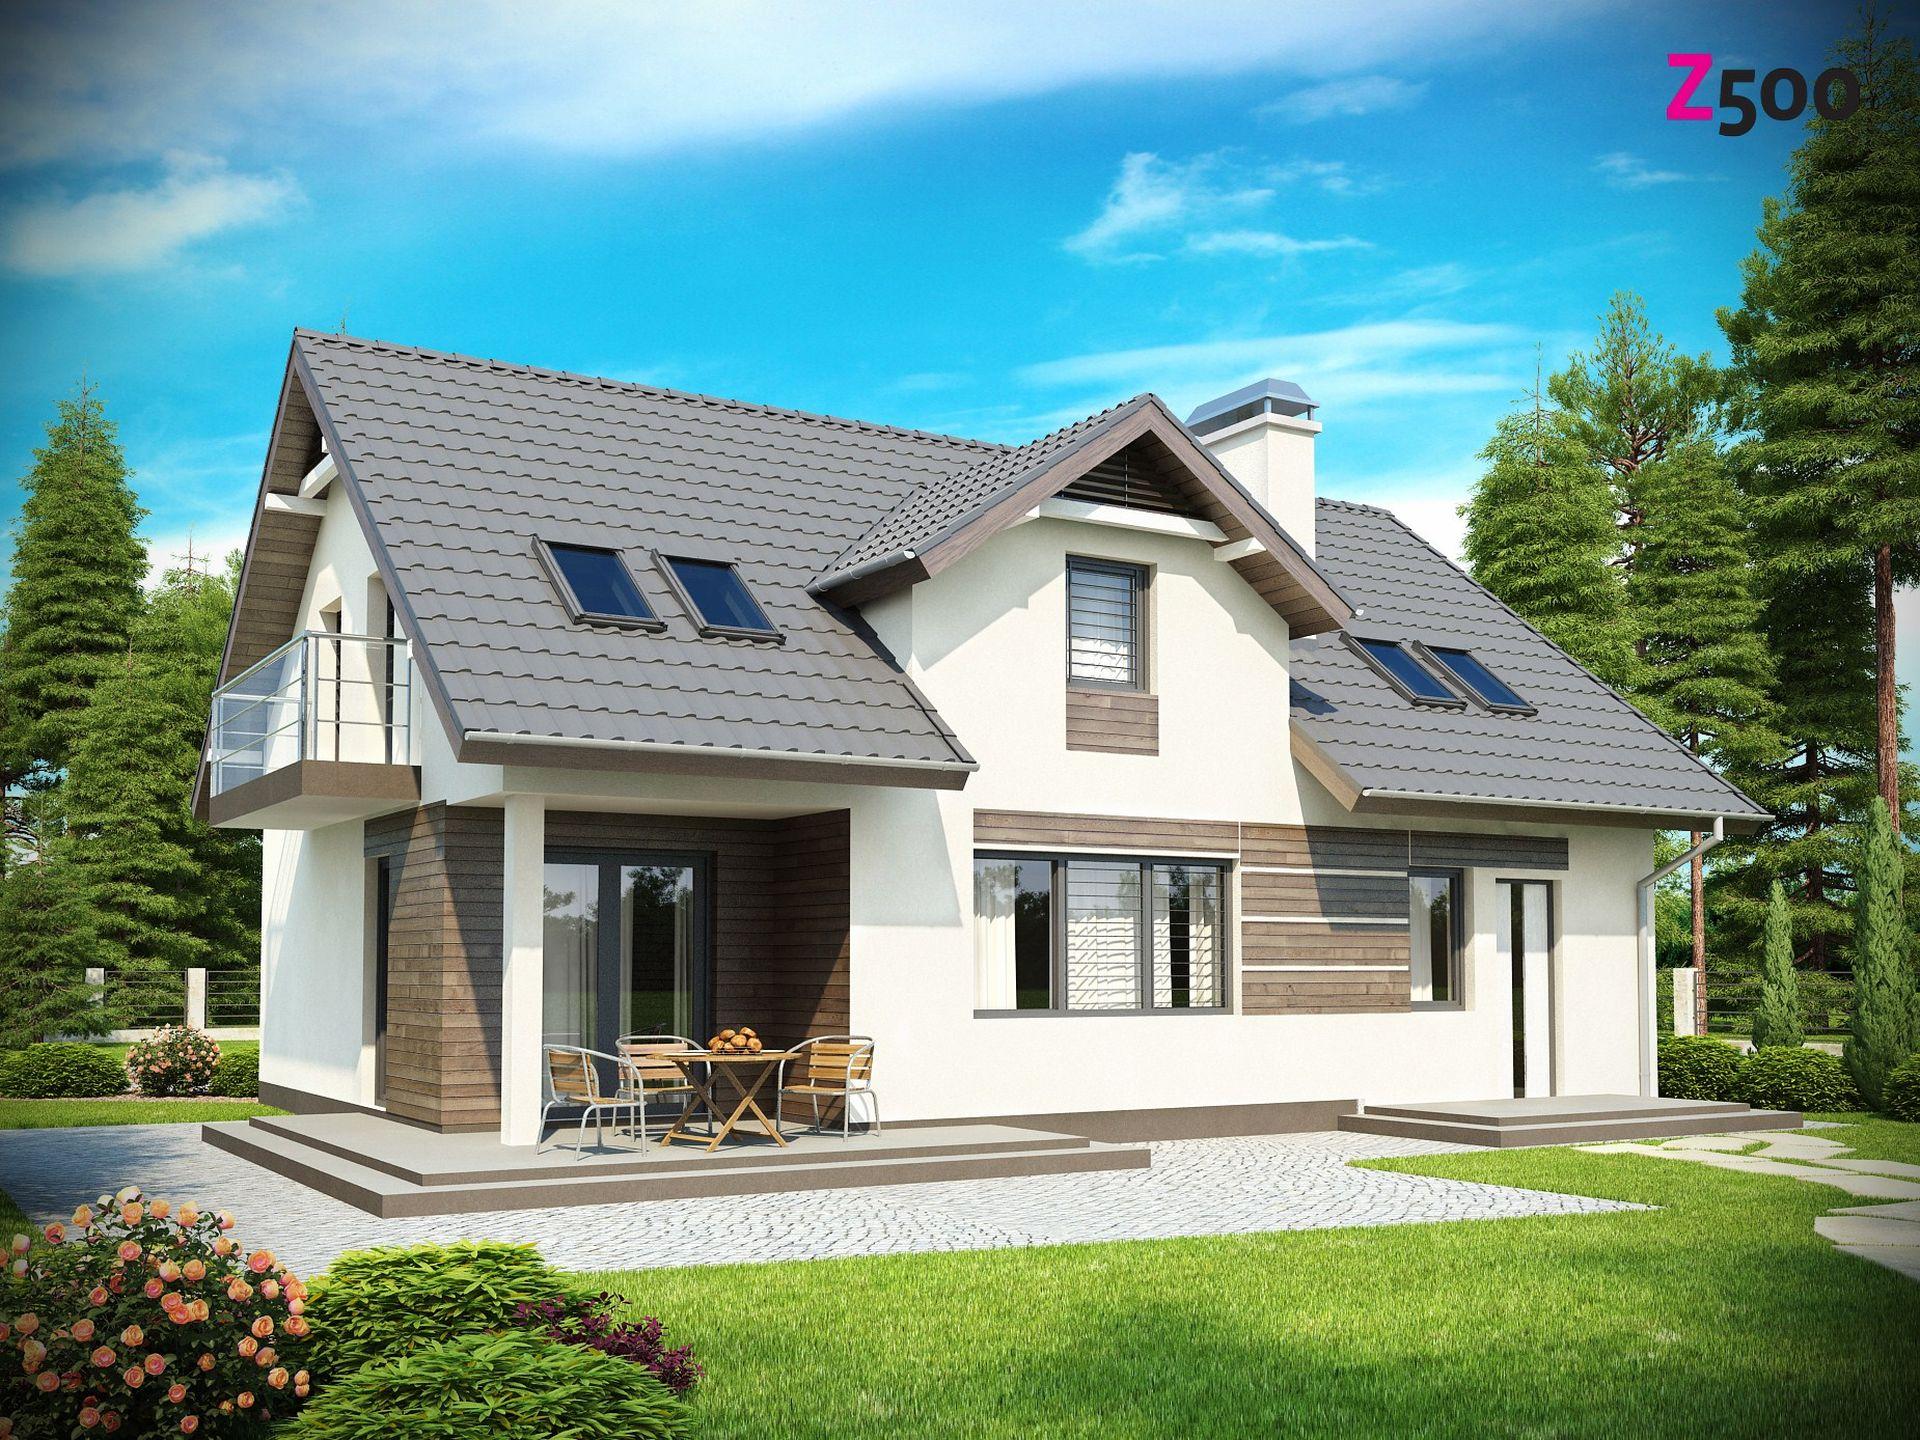 Проект сп 172 - дом со встроенным гаражом, двускатной крышей.